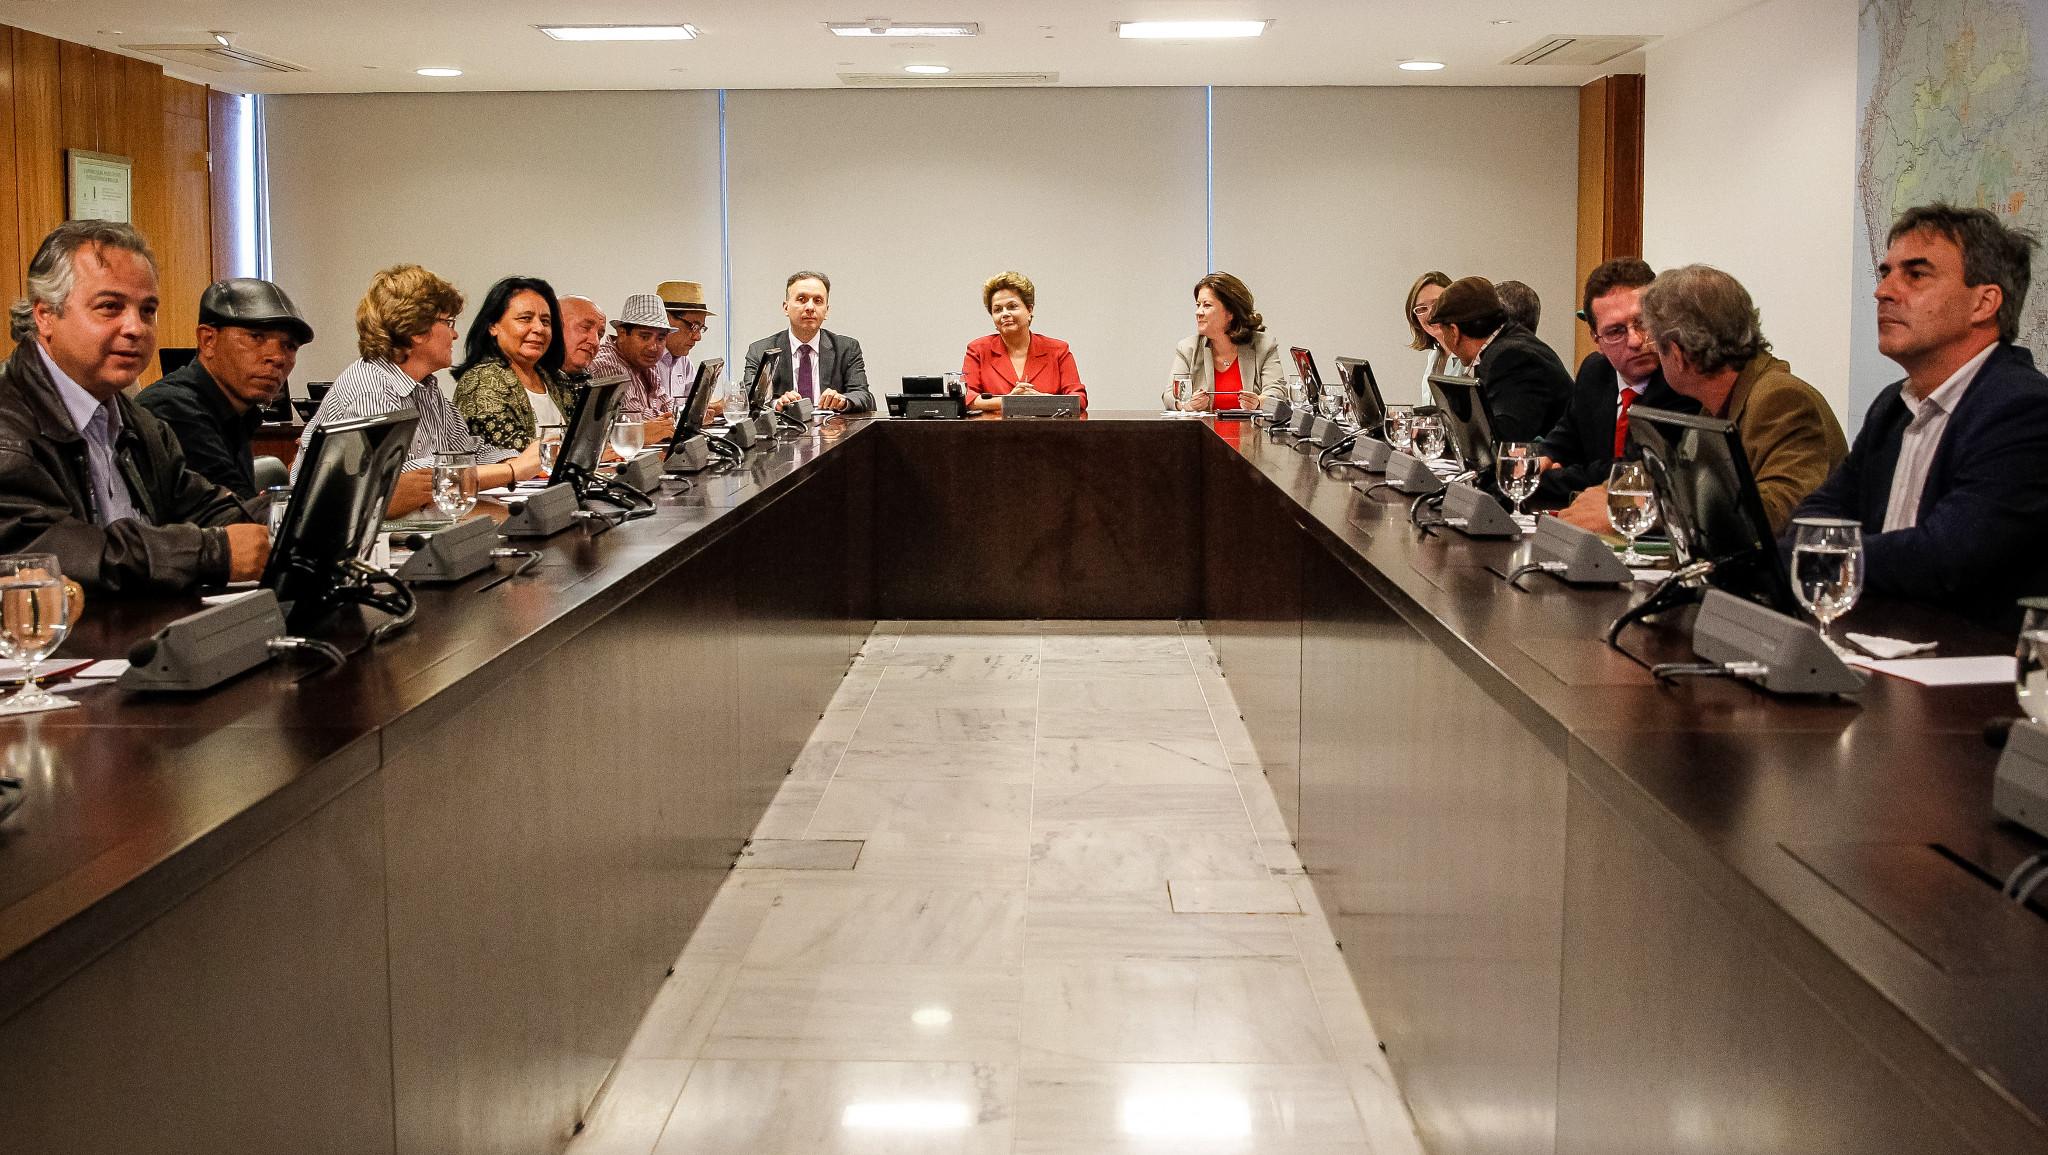 A presidenta Dilma Rousseff recebeu representantes de movimentos urbanos em Brasília. Na direita da imagem vemos Zé Lobo, da Transporte Ativo. Foto: Roberto Stuckert Filho-PR